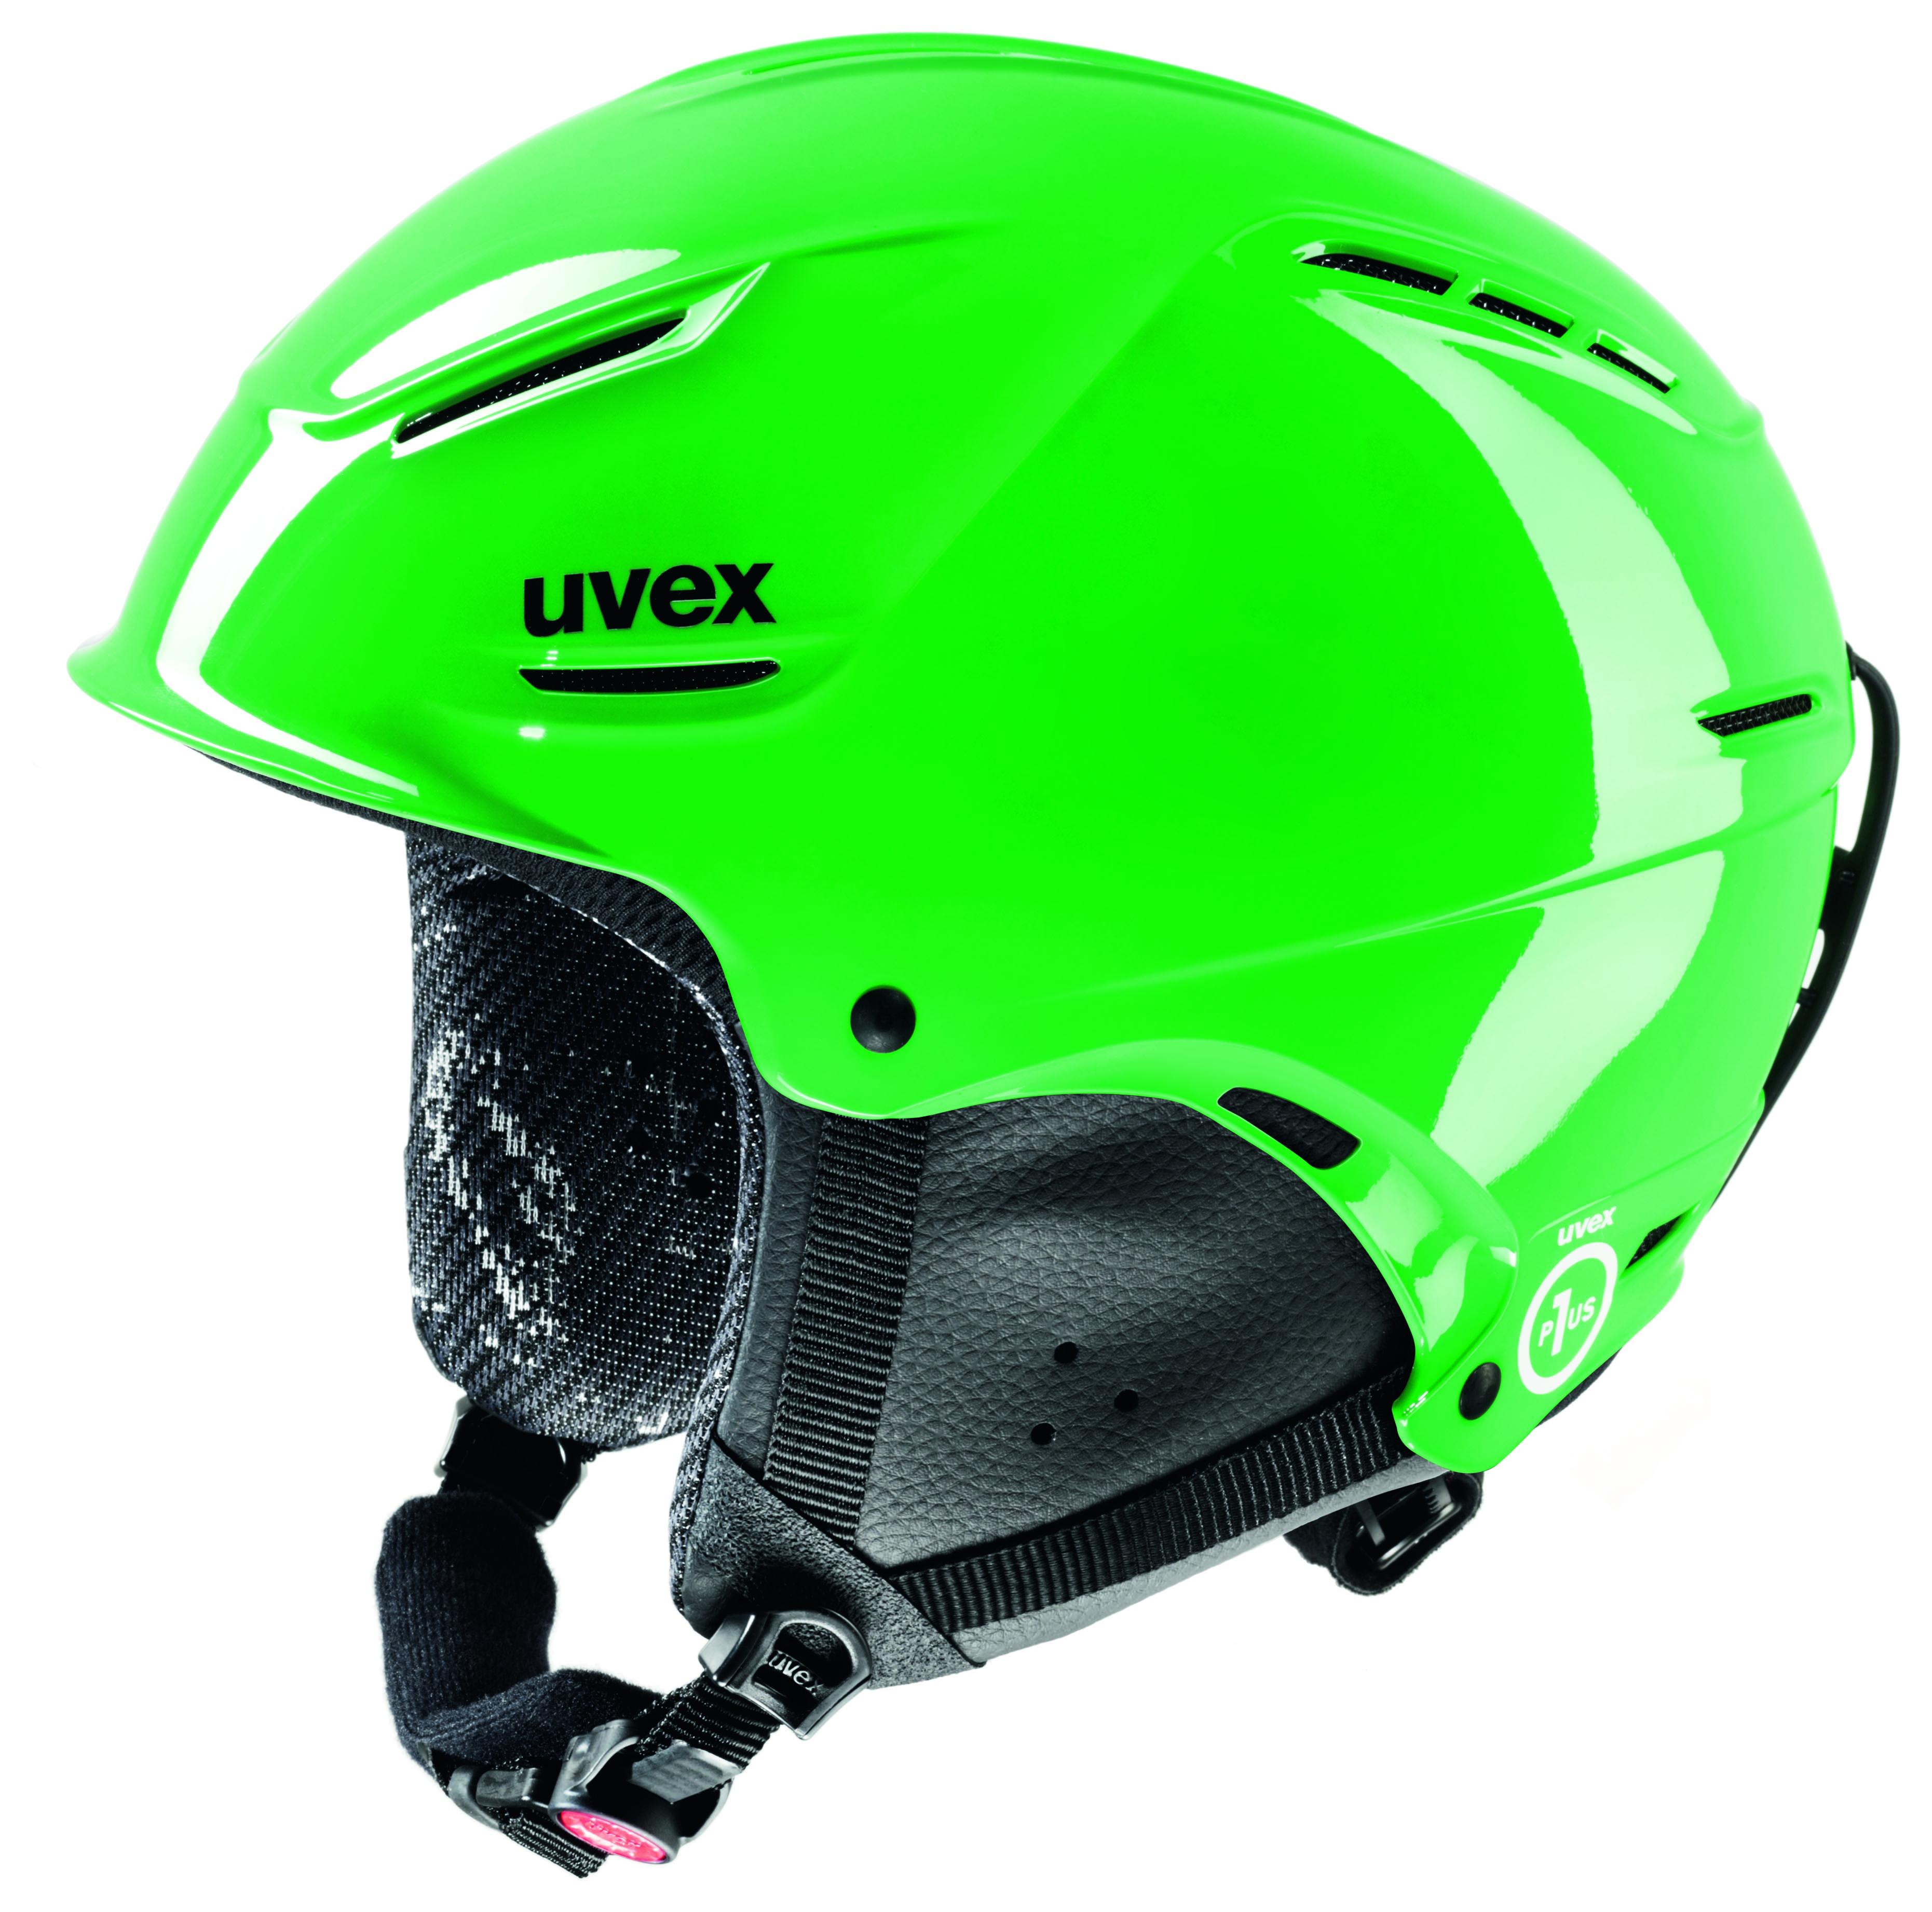 Skihelme sind leichter uns sicherer wie der Uvex p1us junior.  Foto (c) uvex